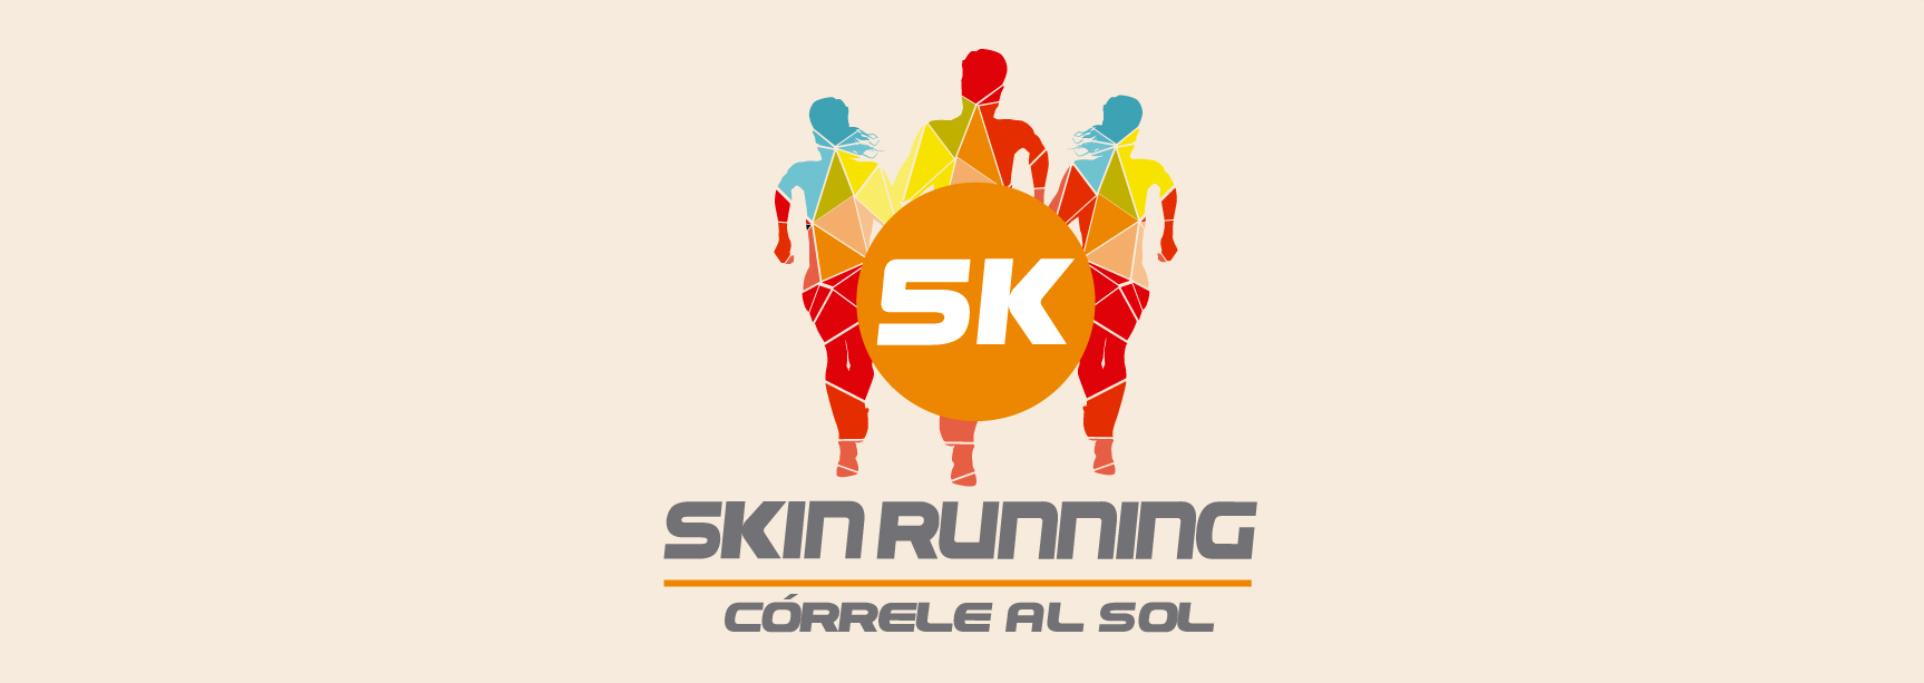 Skin Running